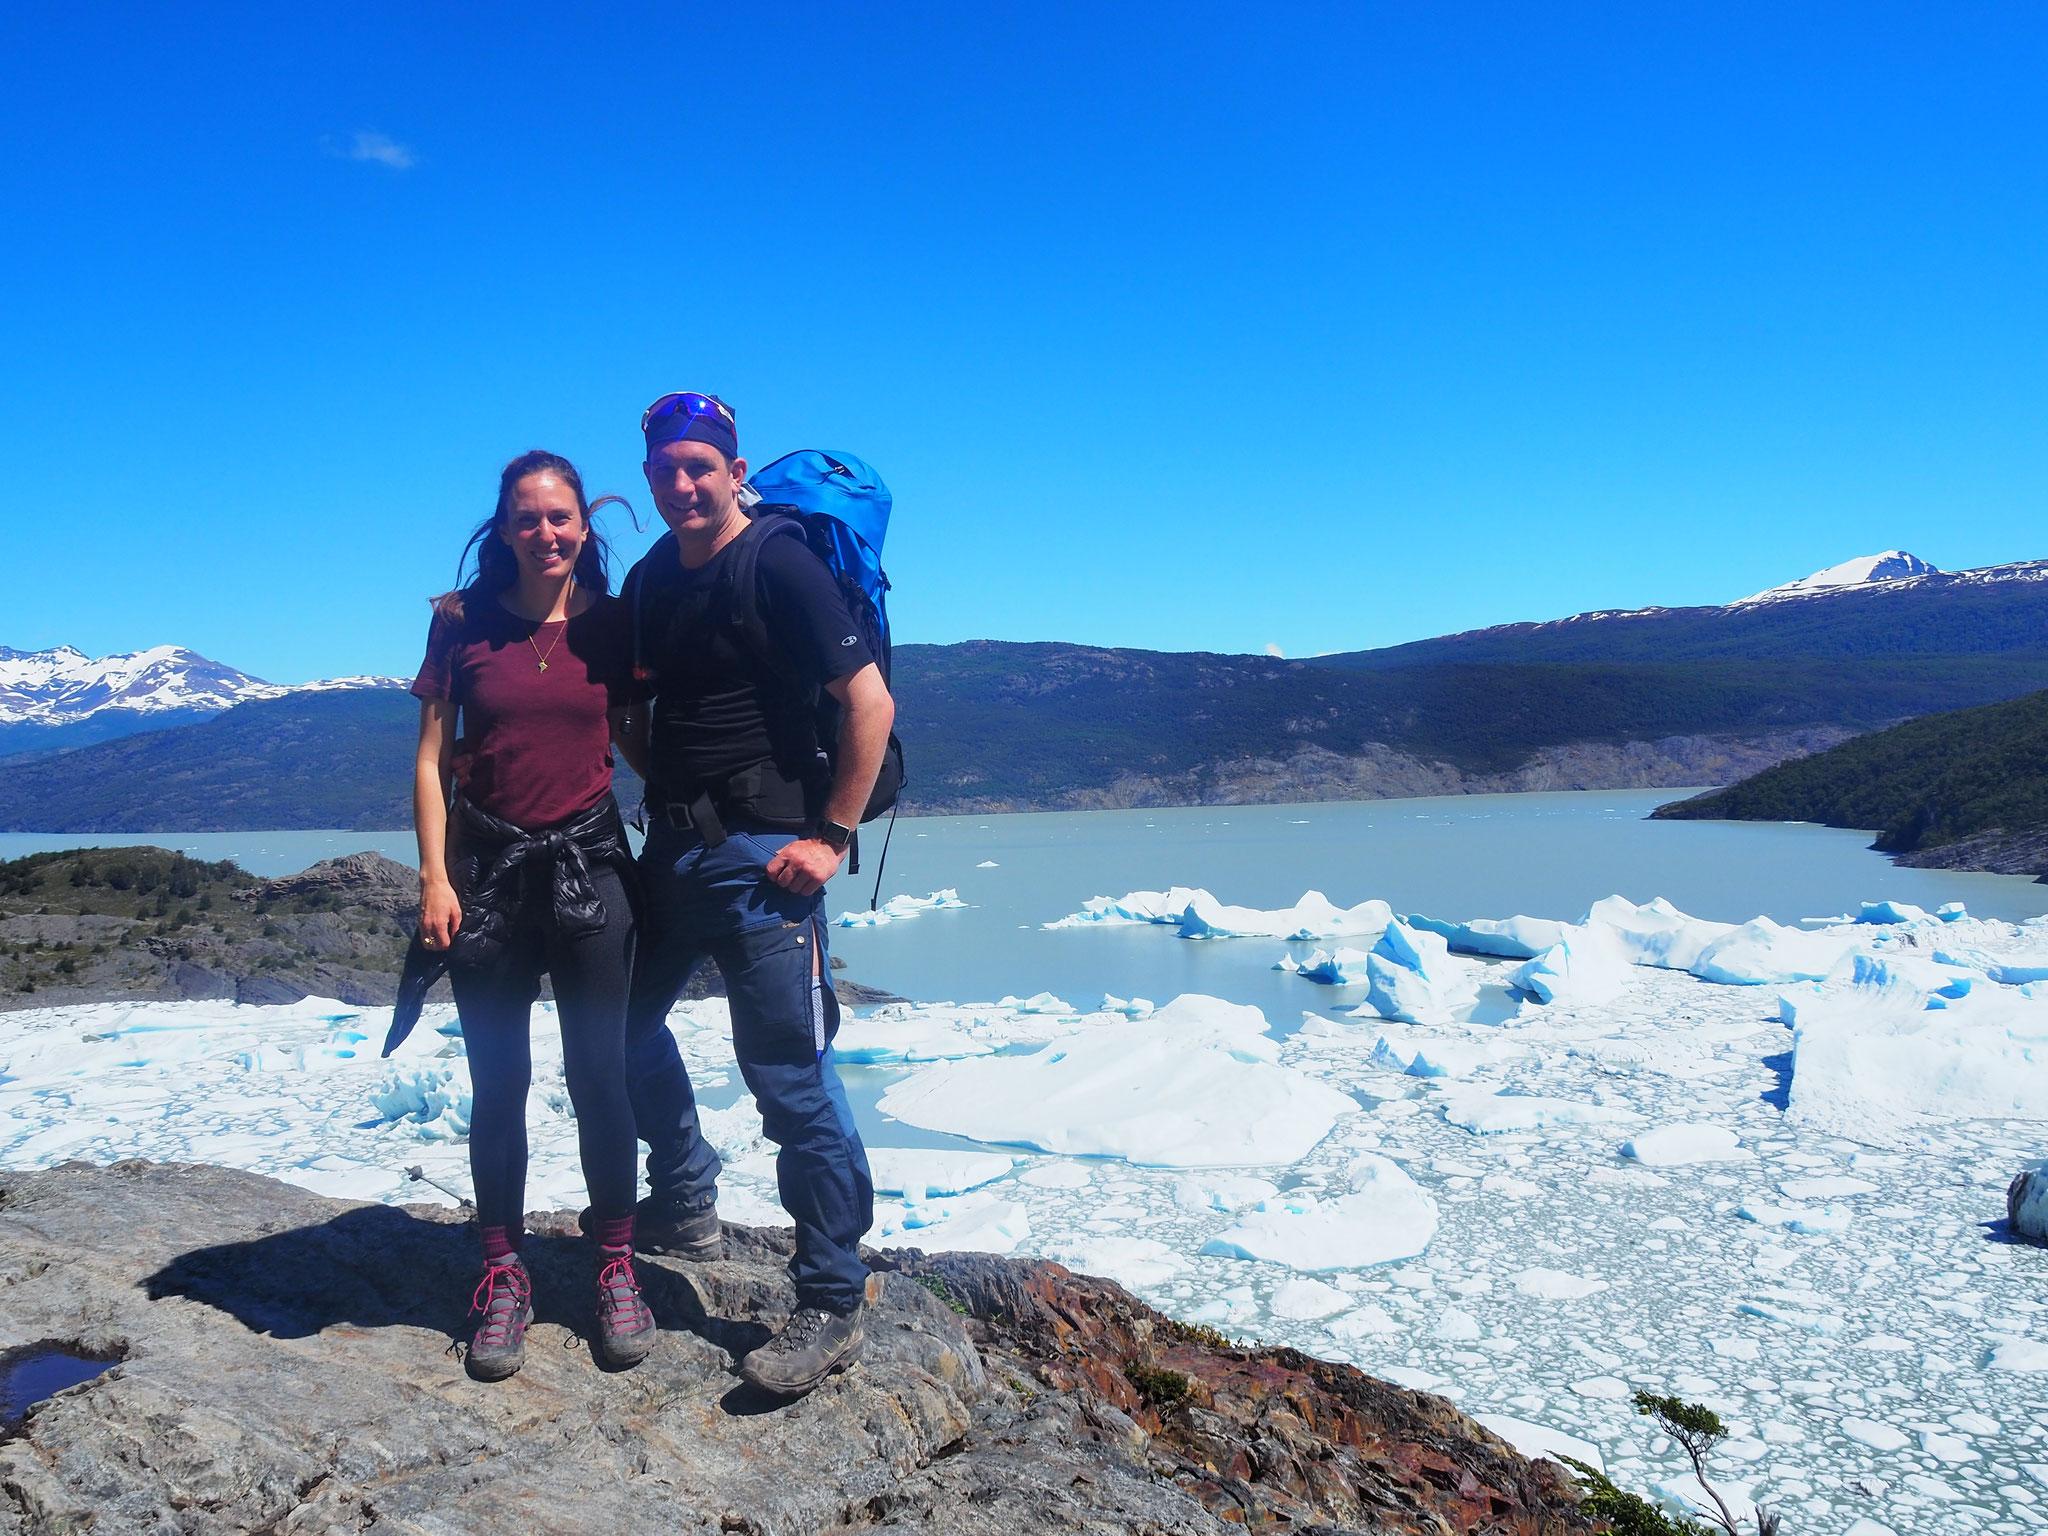 Die Eisschollen treiben auf dem grauen Wasser des Lago Grey